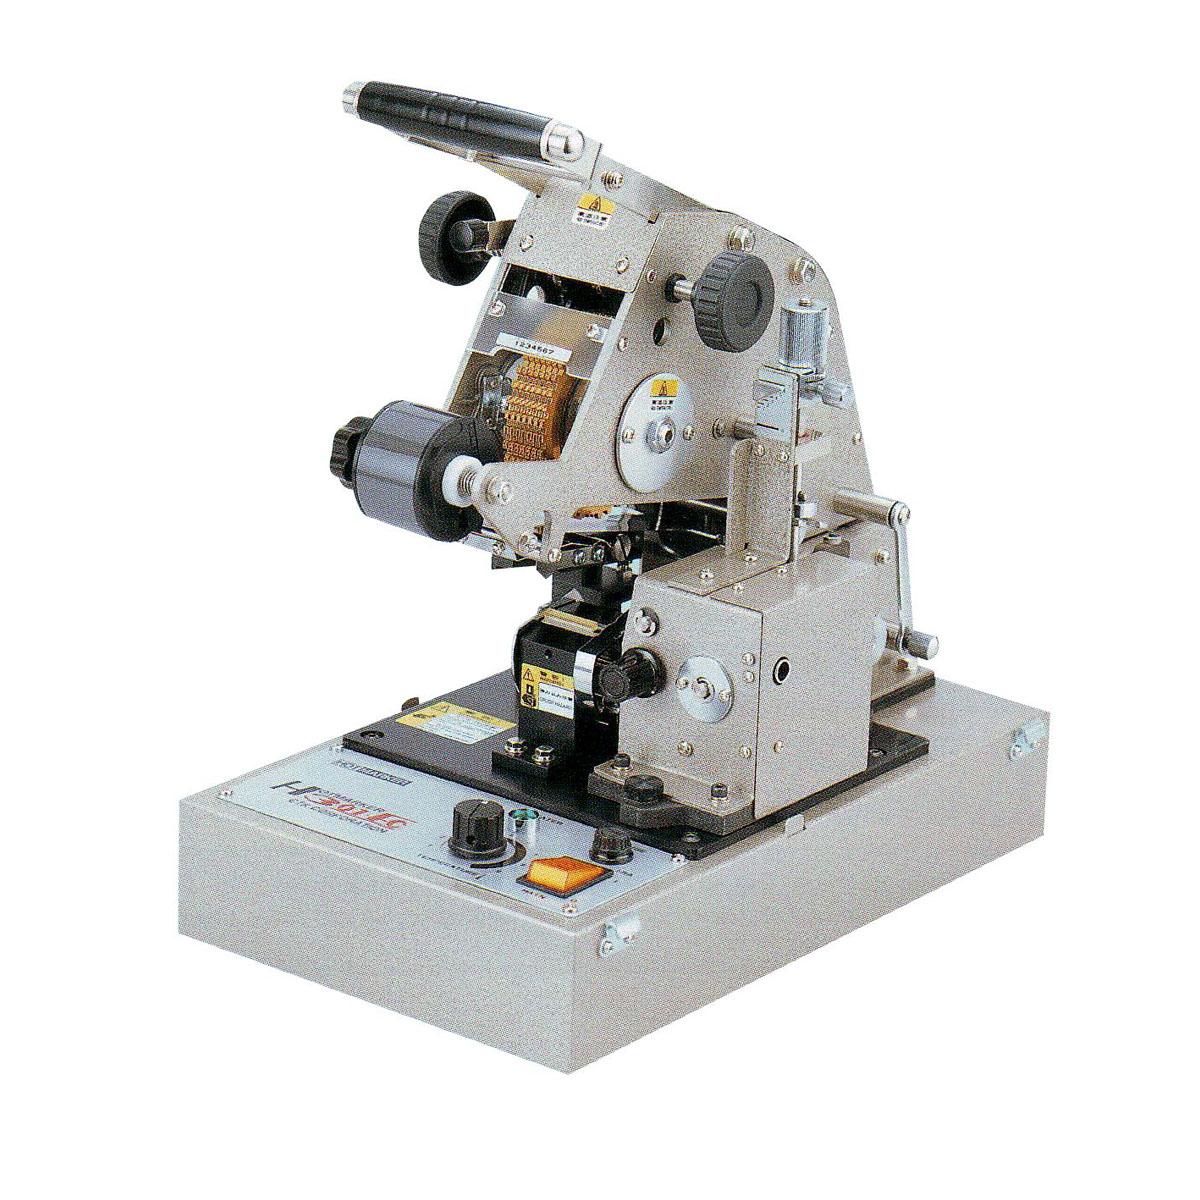 HOTMARKER H301-FC เครื่องพิมพ์ปลอกสาย สายไฟ สติคเกอร์ แบบตั้งโต๊ะ